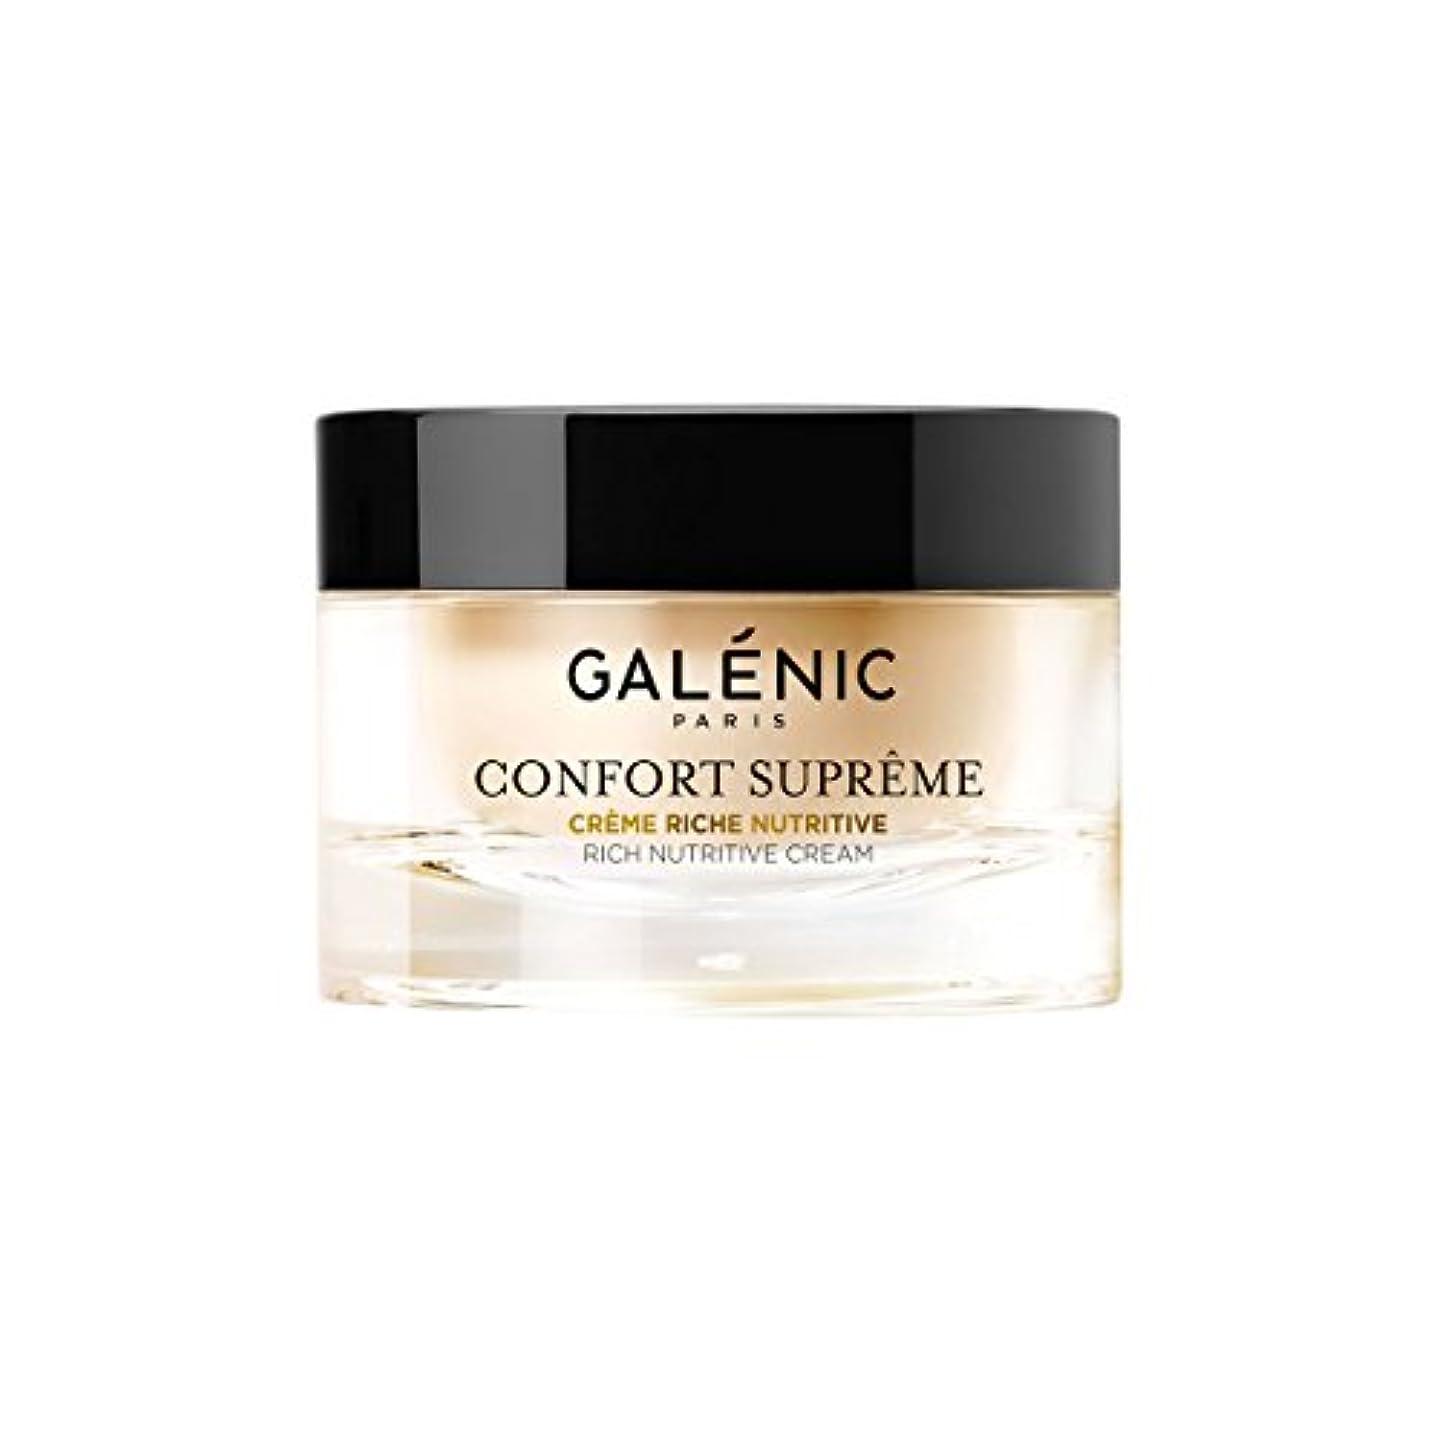 アラバマ核服を洗うGalenic Confort Supreme Rich Nutritive Cream 50ml [並行輸入品]